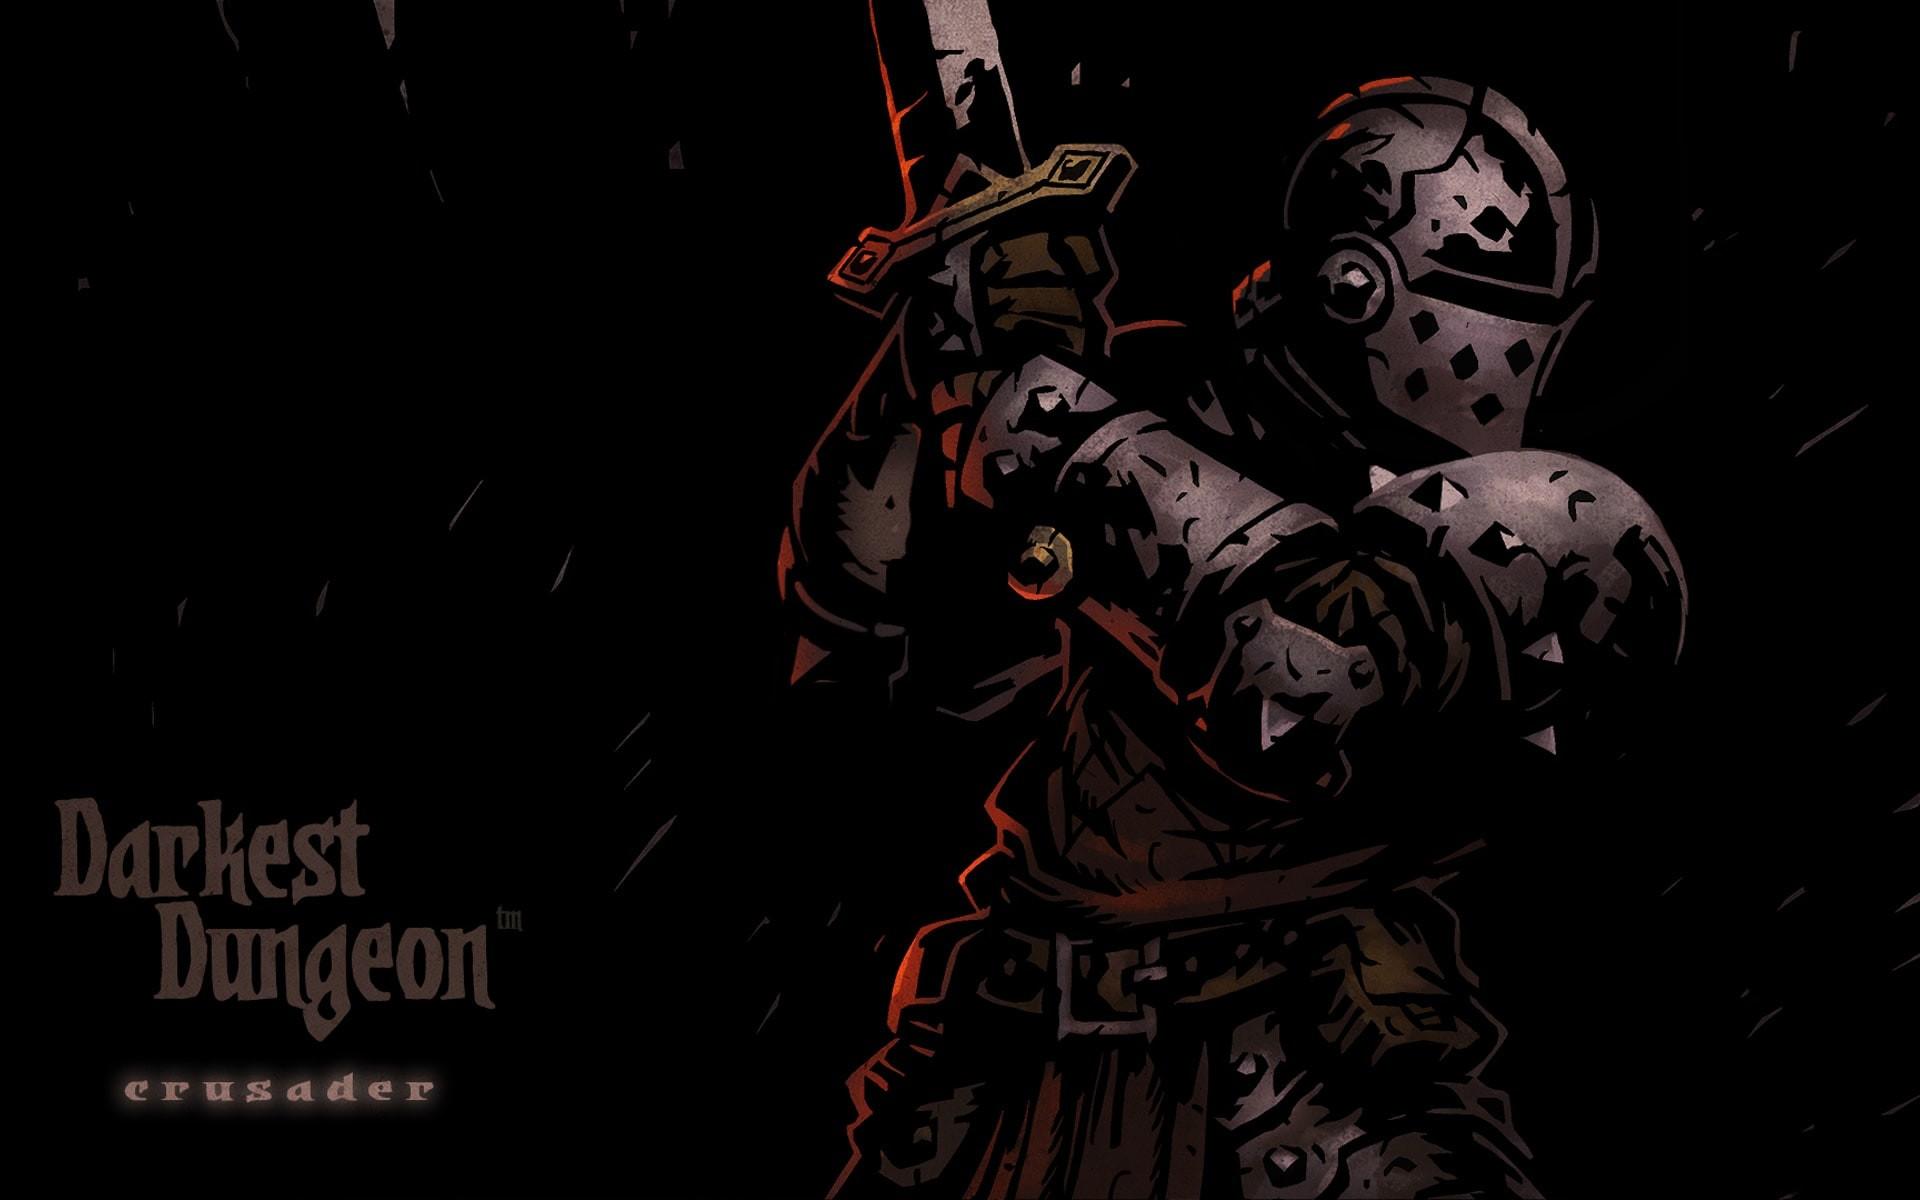 Darkest Dungeon Wallpapers